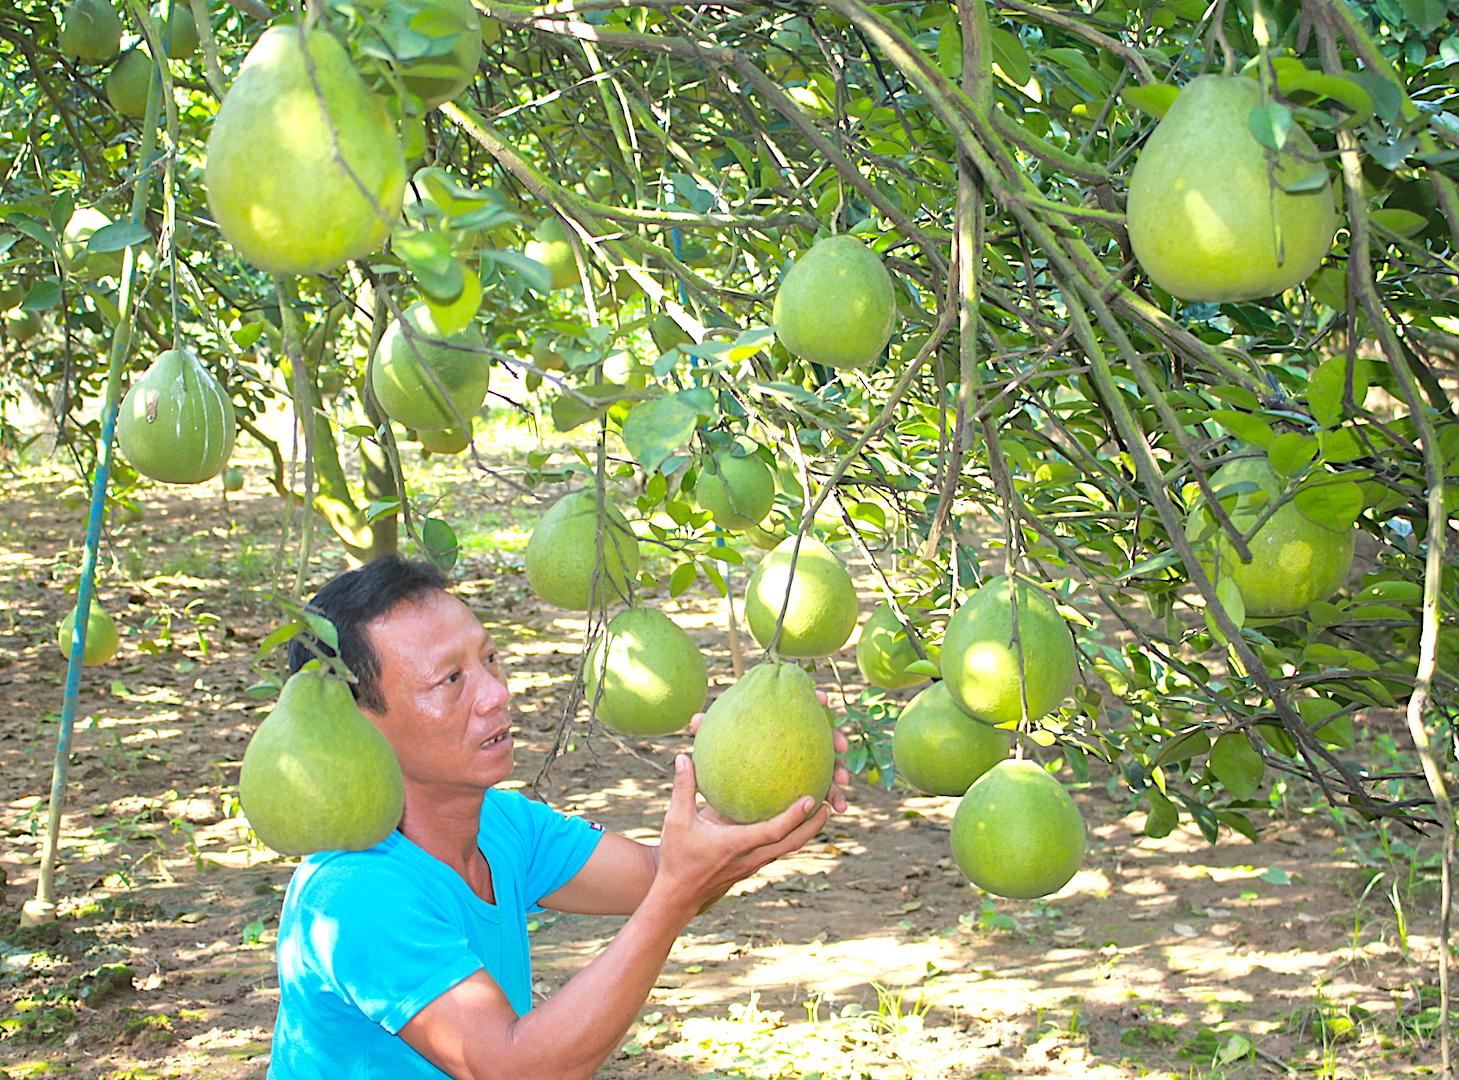 Cận cảnh vườn bưởi lớn nhất Tân Triều, cho thu nhập mỗi vụ cả tỉ đồng - ảnh 3